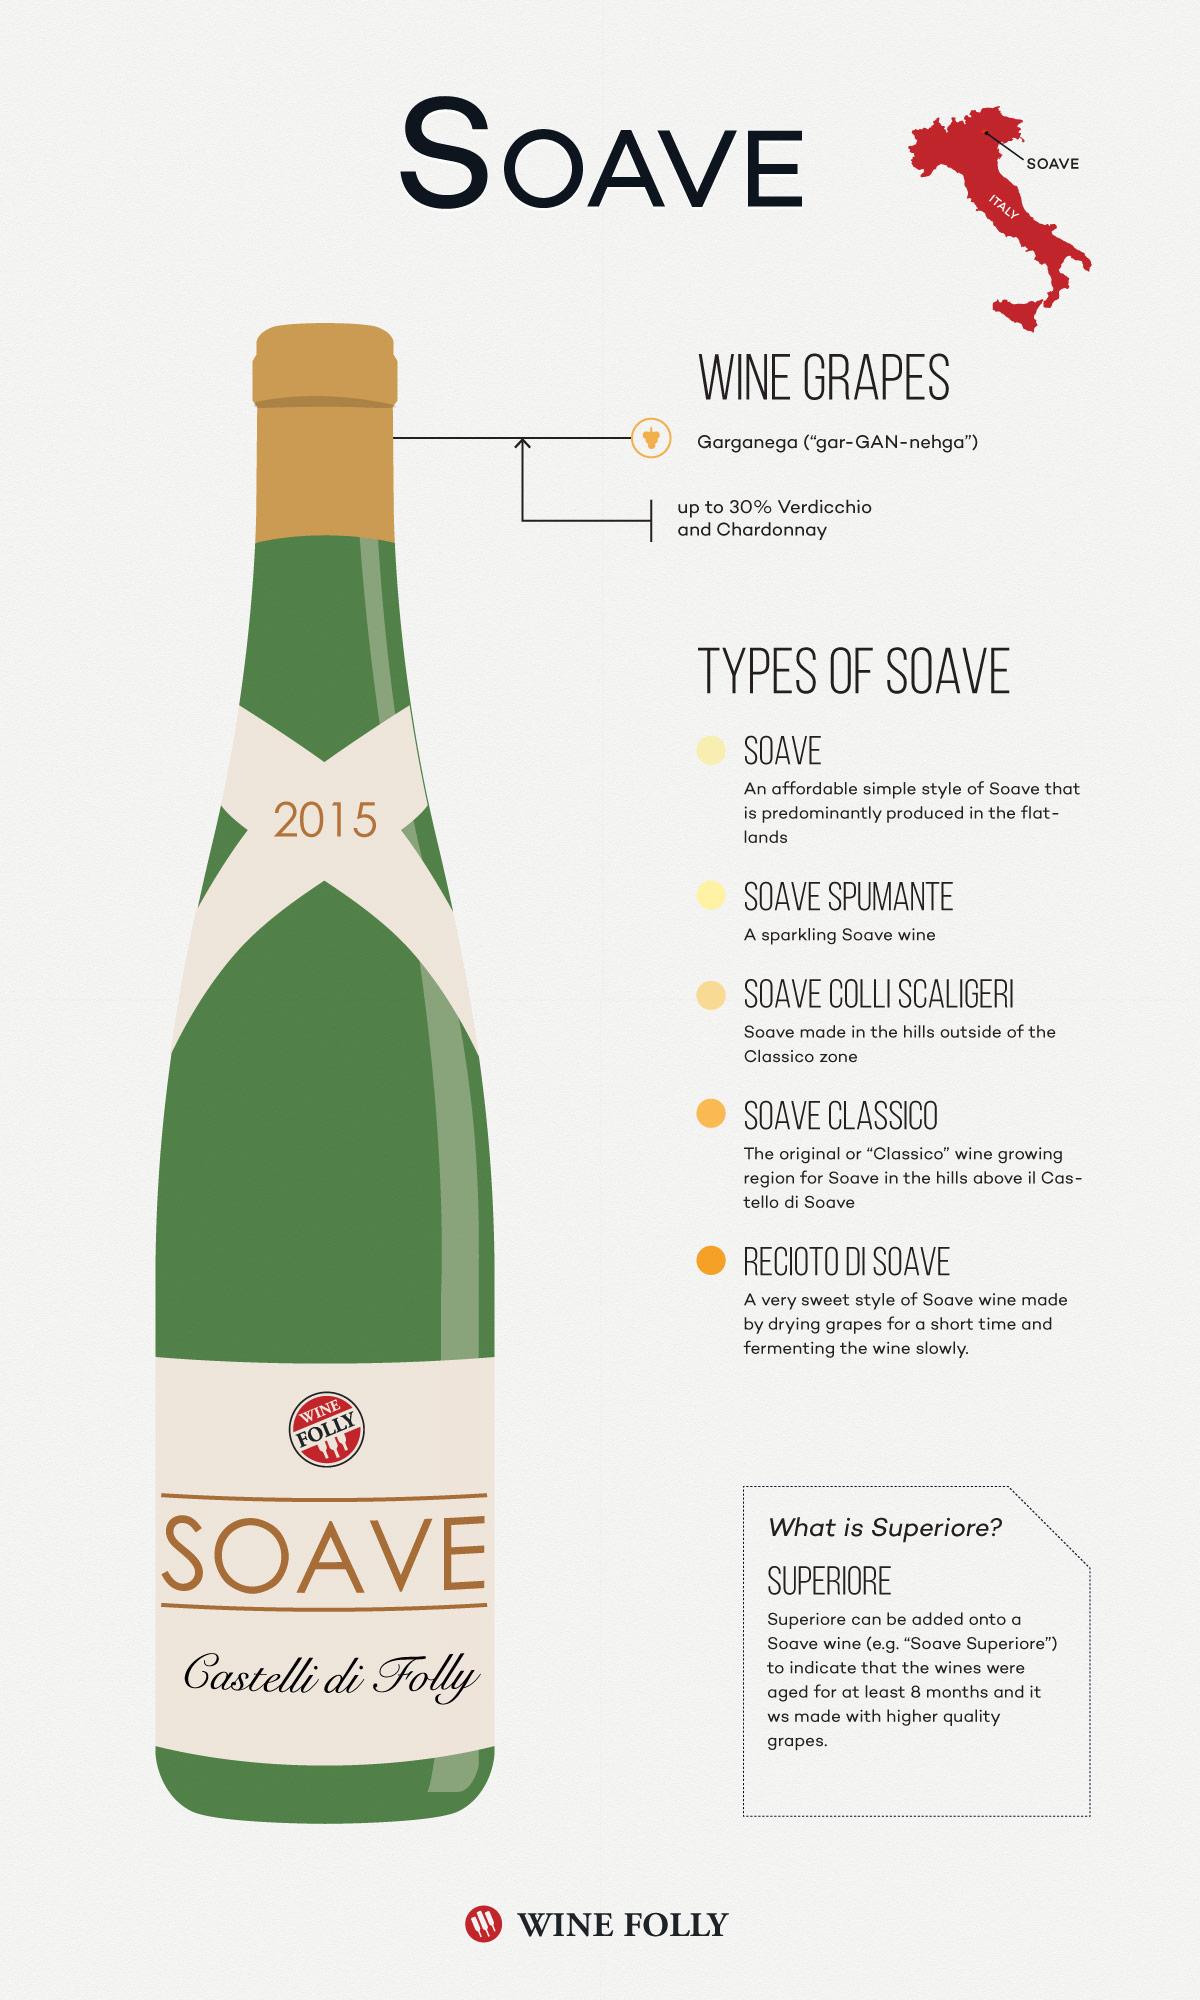 soave-wine-infographic